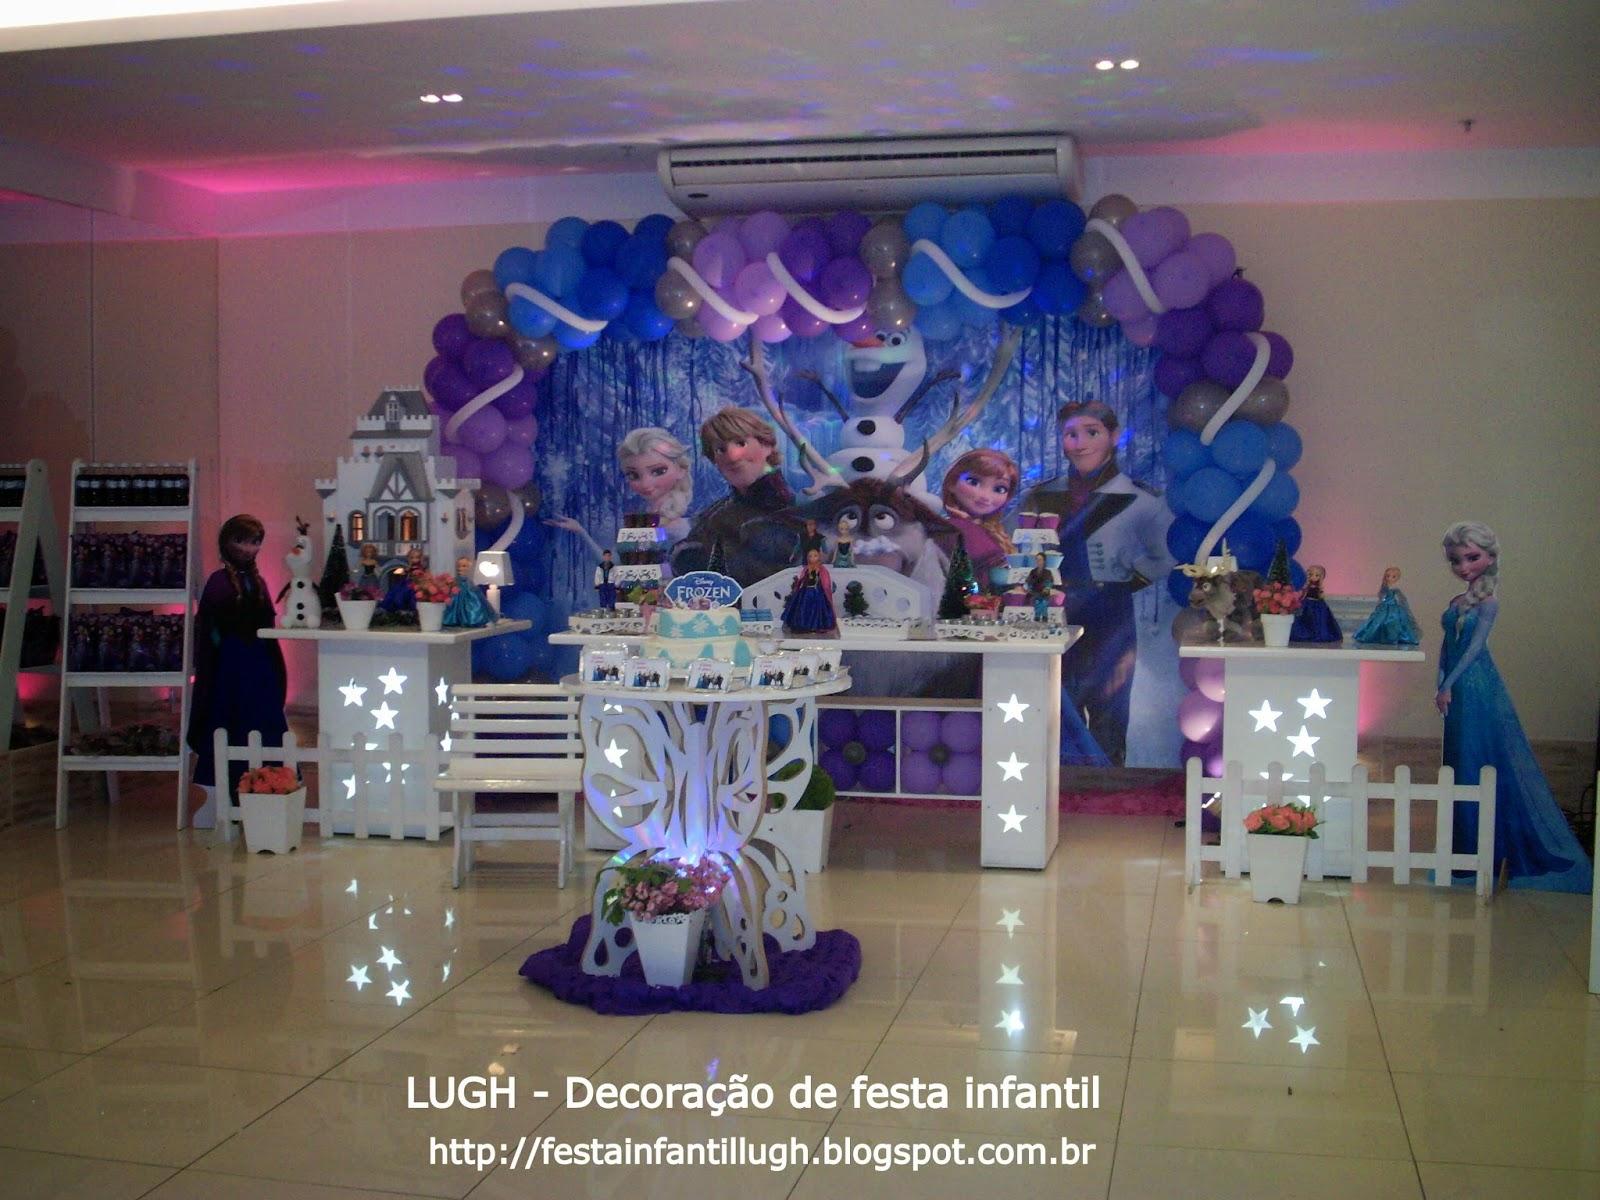 Frozen - decoração de festa infantil para aniversário com o tema da Frozen realizada na Barra da Tijuca no Rio de Janeiro RJ